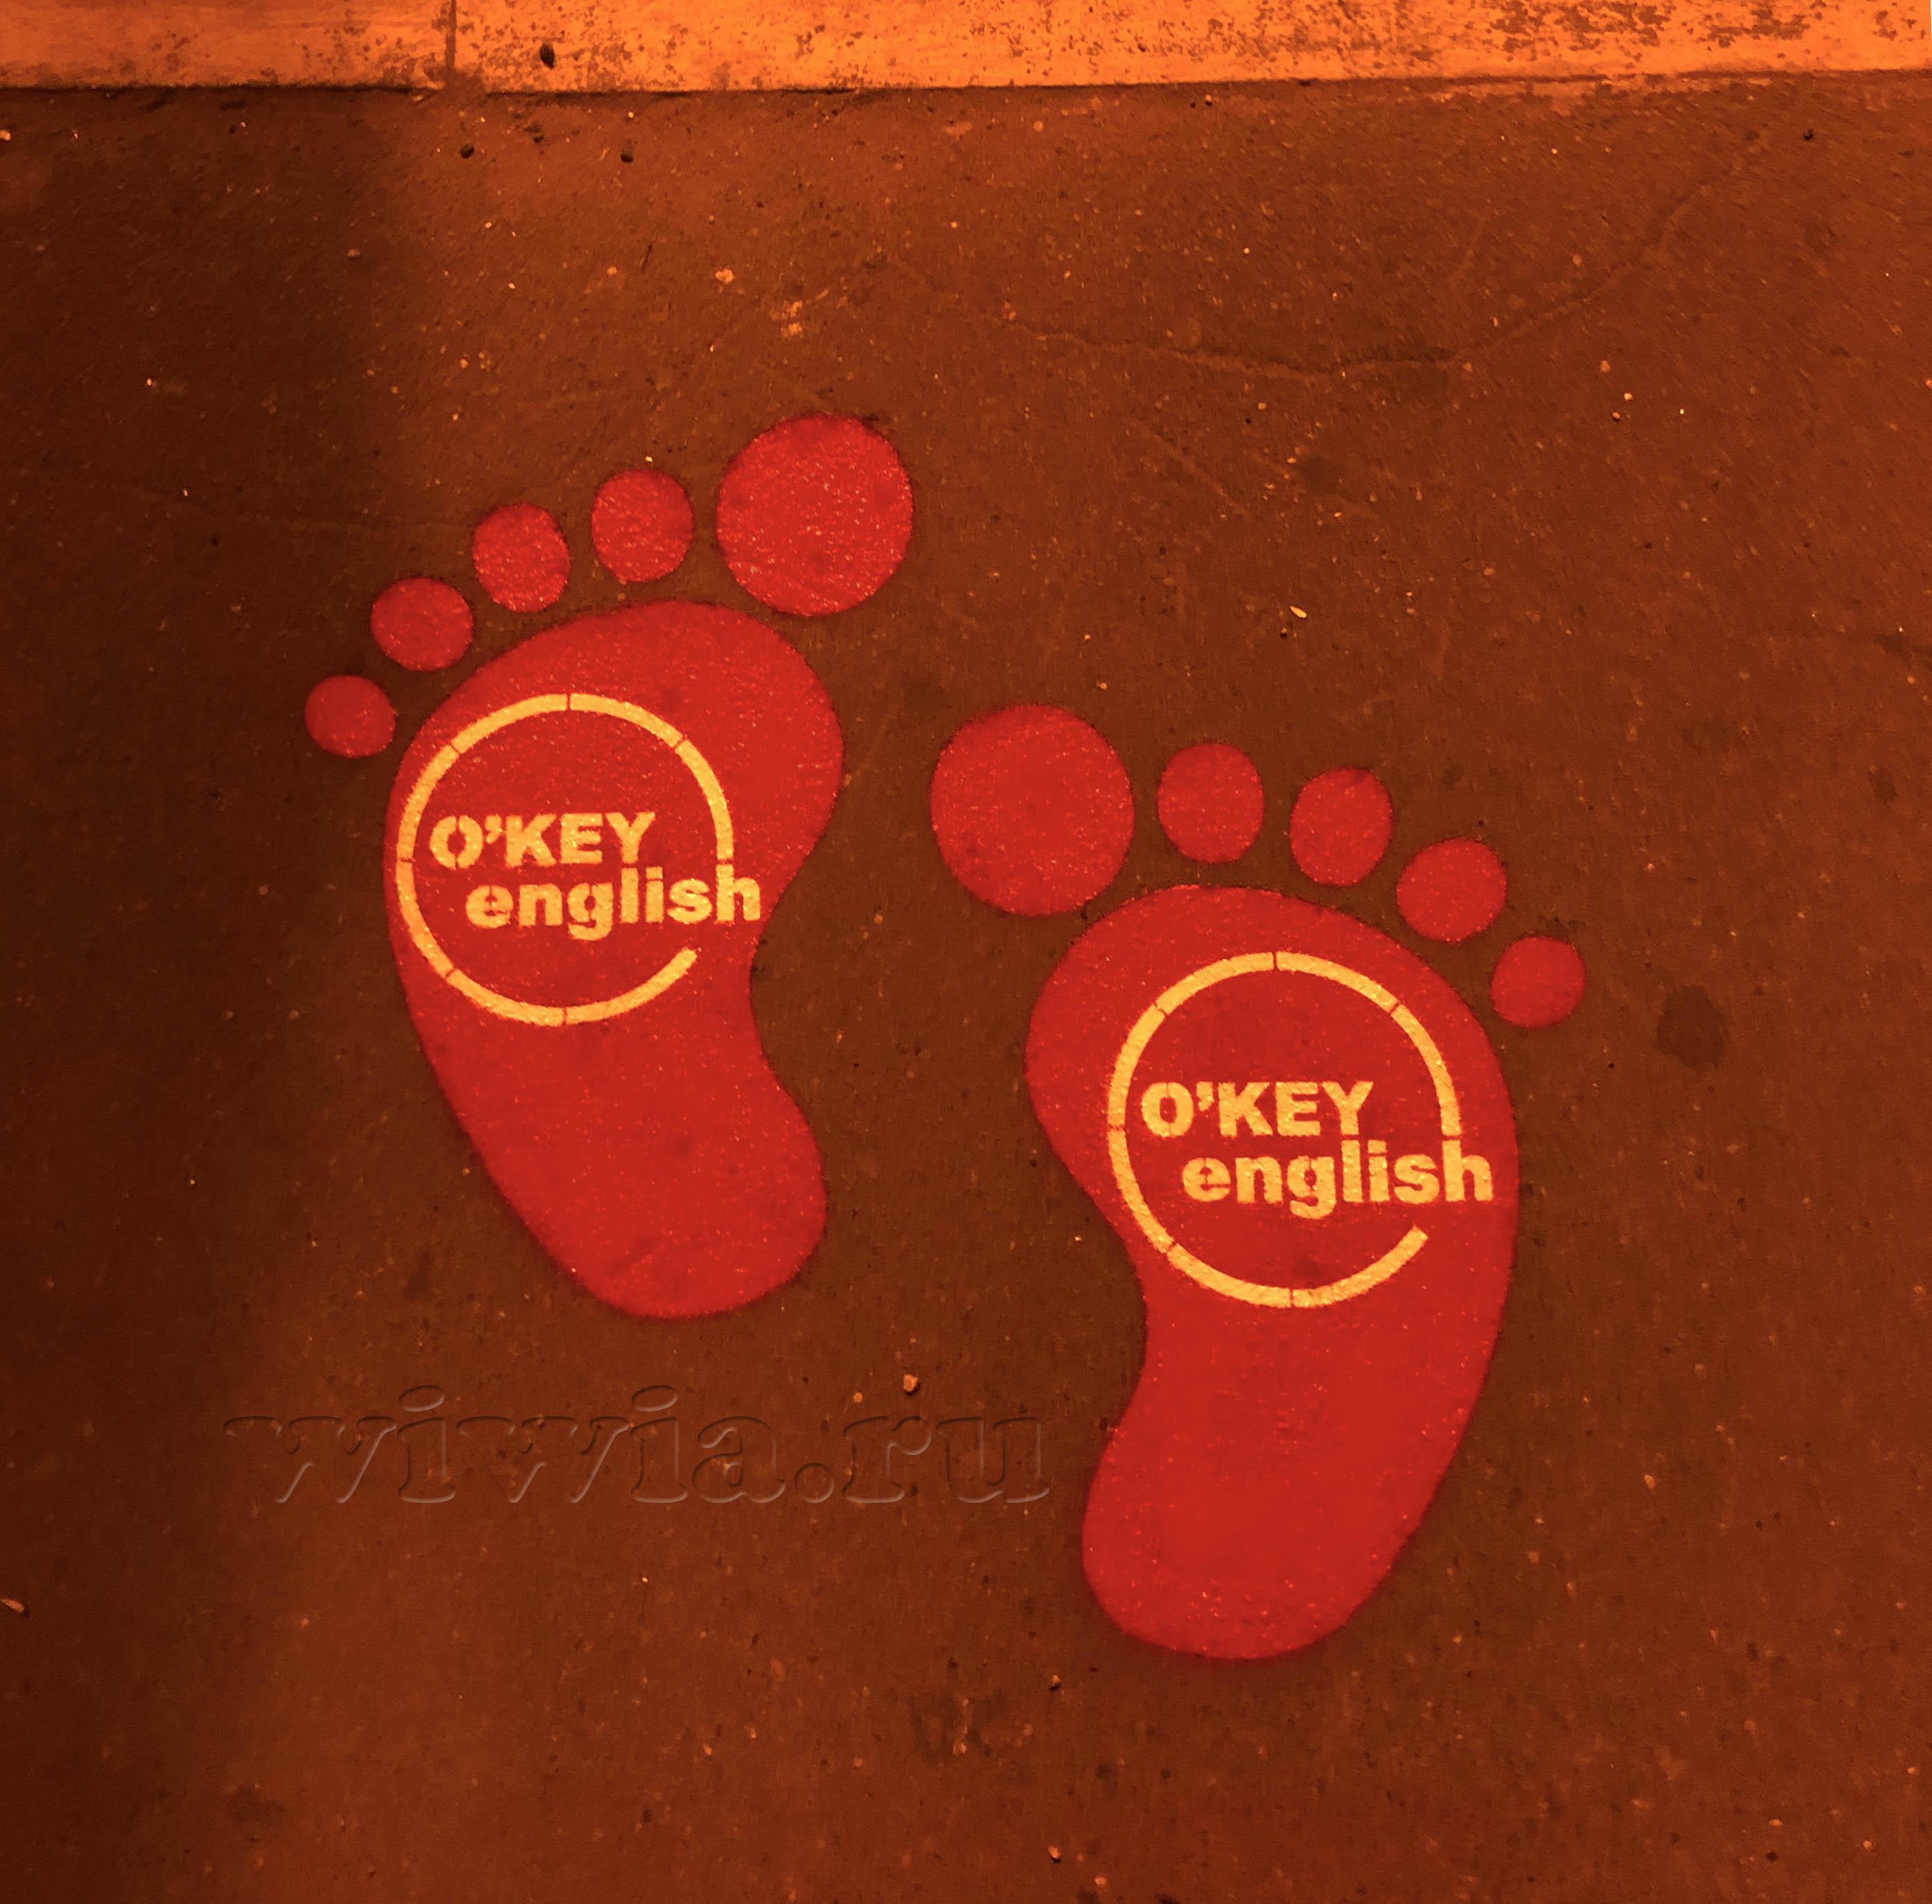 Следы на асфальте для школы английского языка.